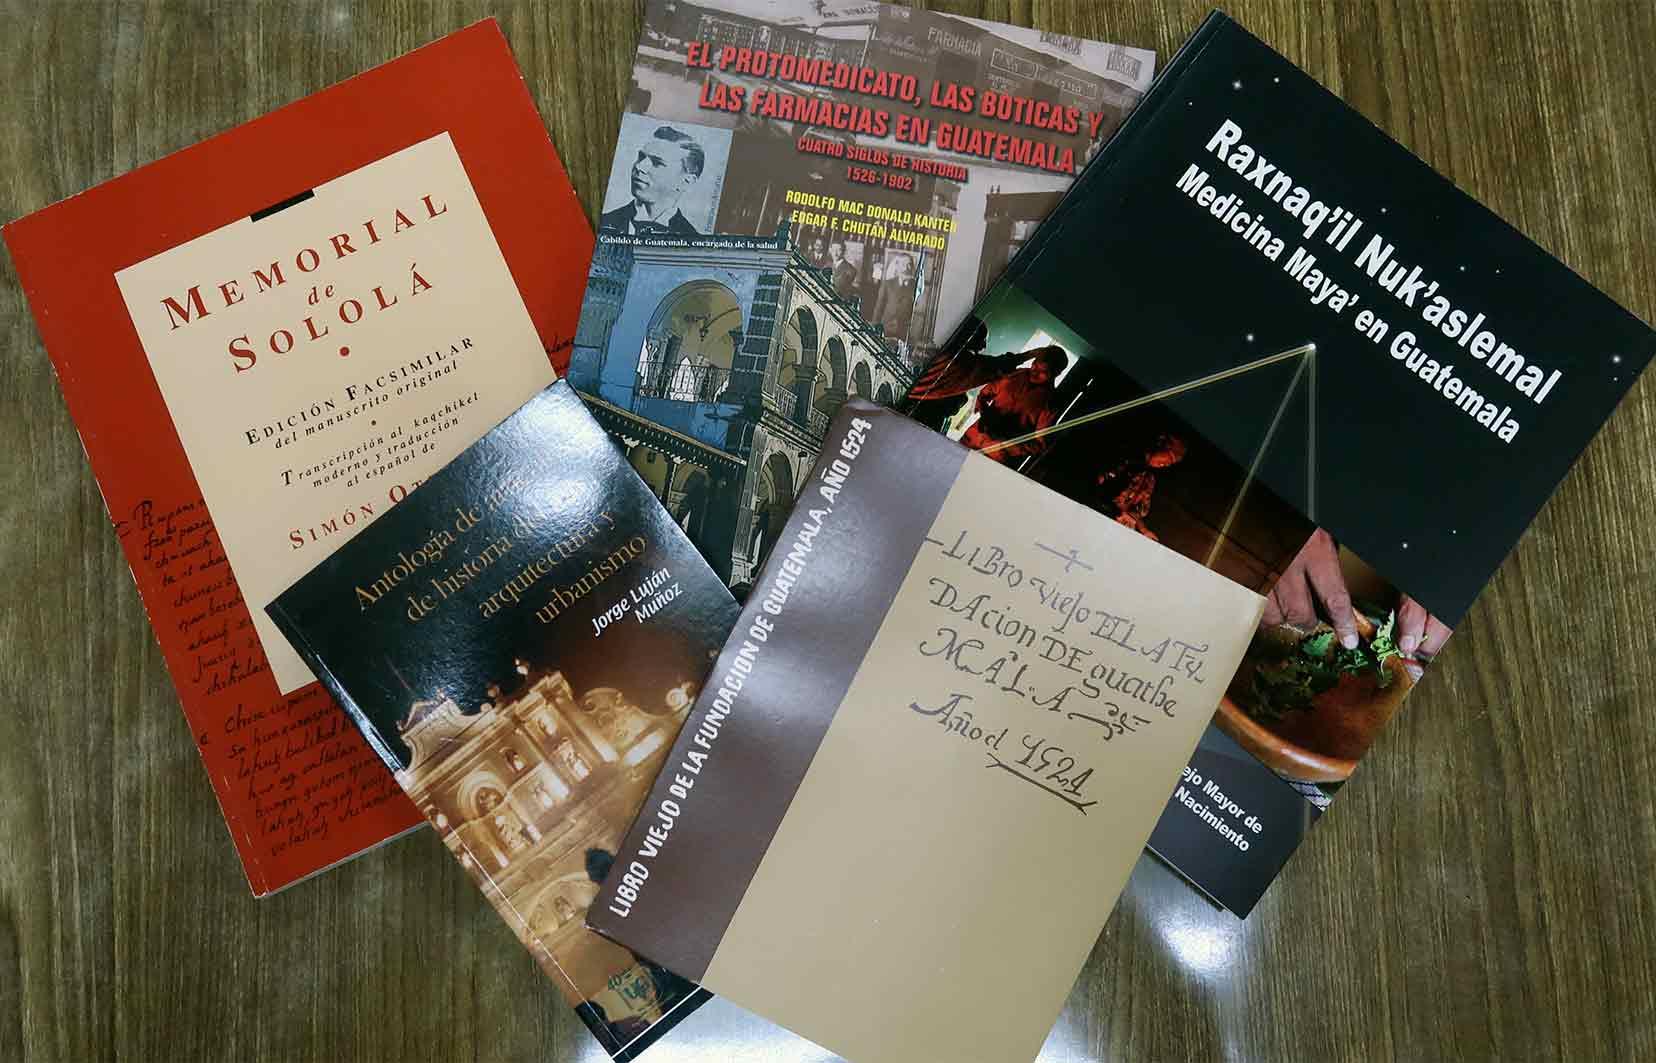 Los 5 libros de la facultad de Ciencias Sociales que ayudan a financiar becas